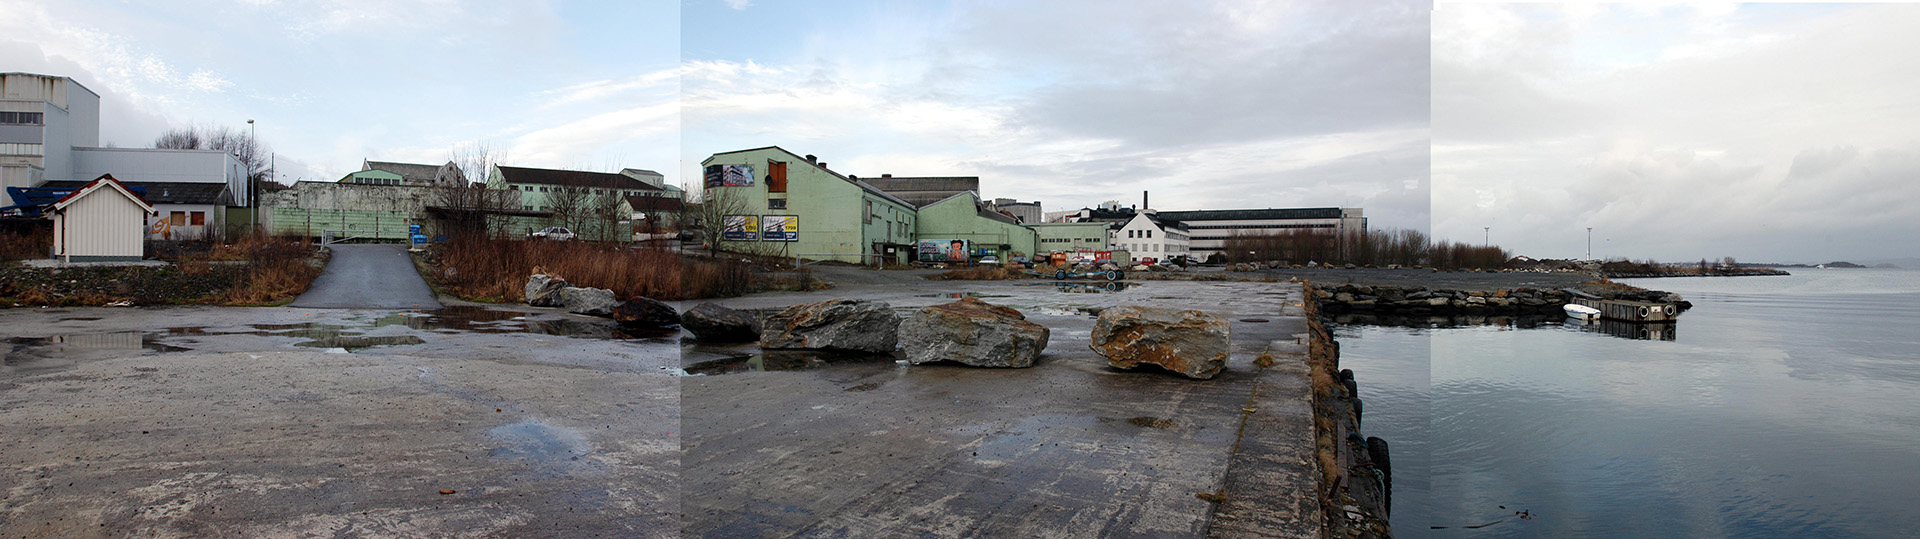 05_Lervig-Stavanger